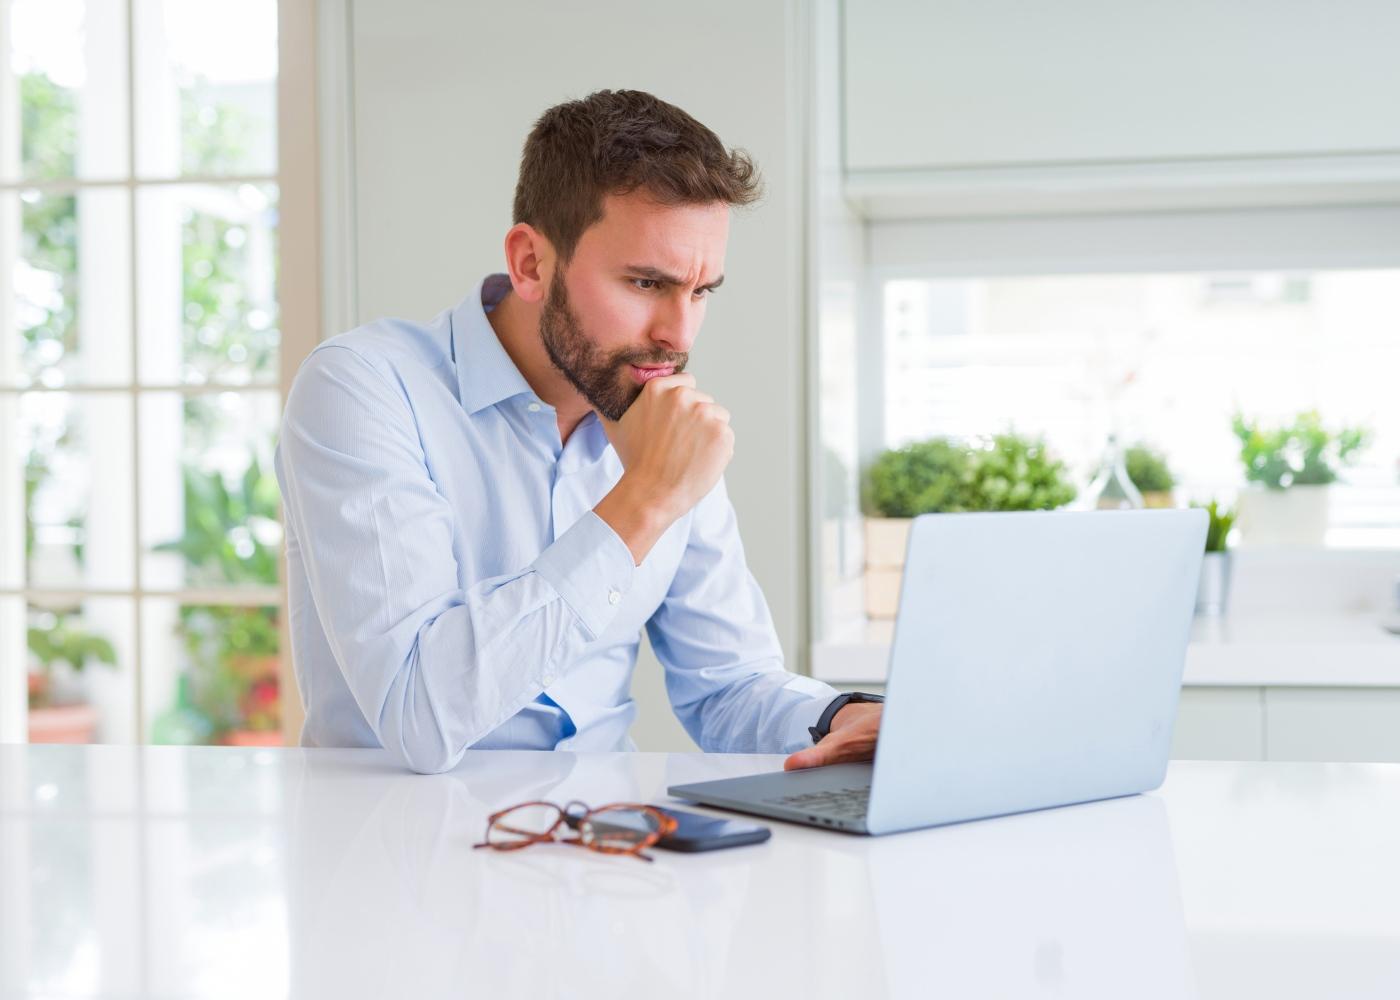 trabalhador ao computador com ar de preocupação